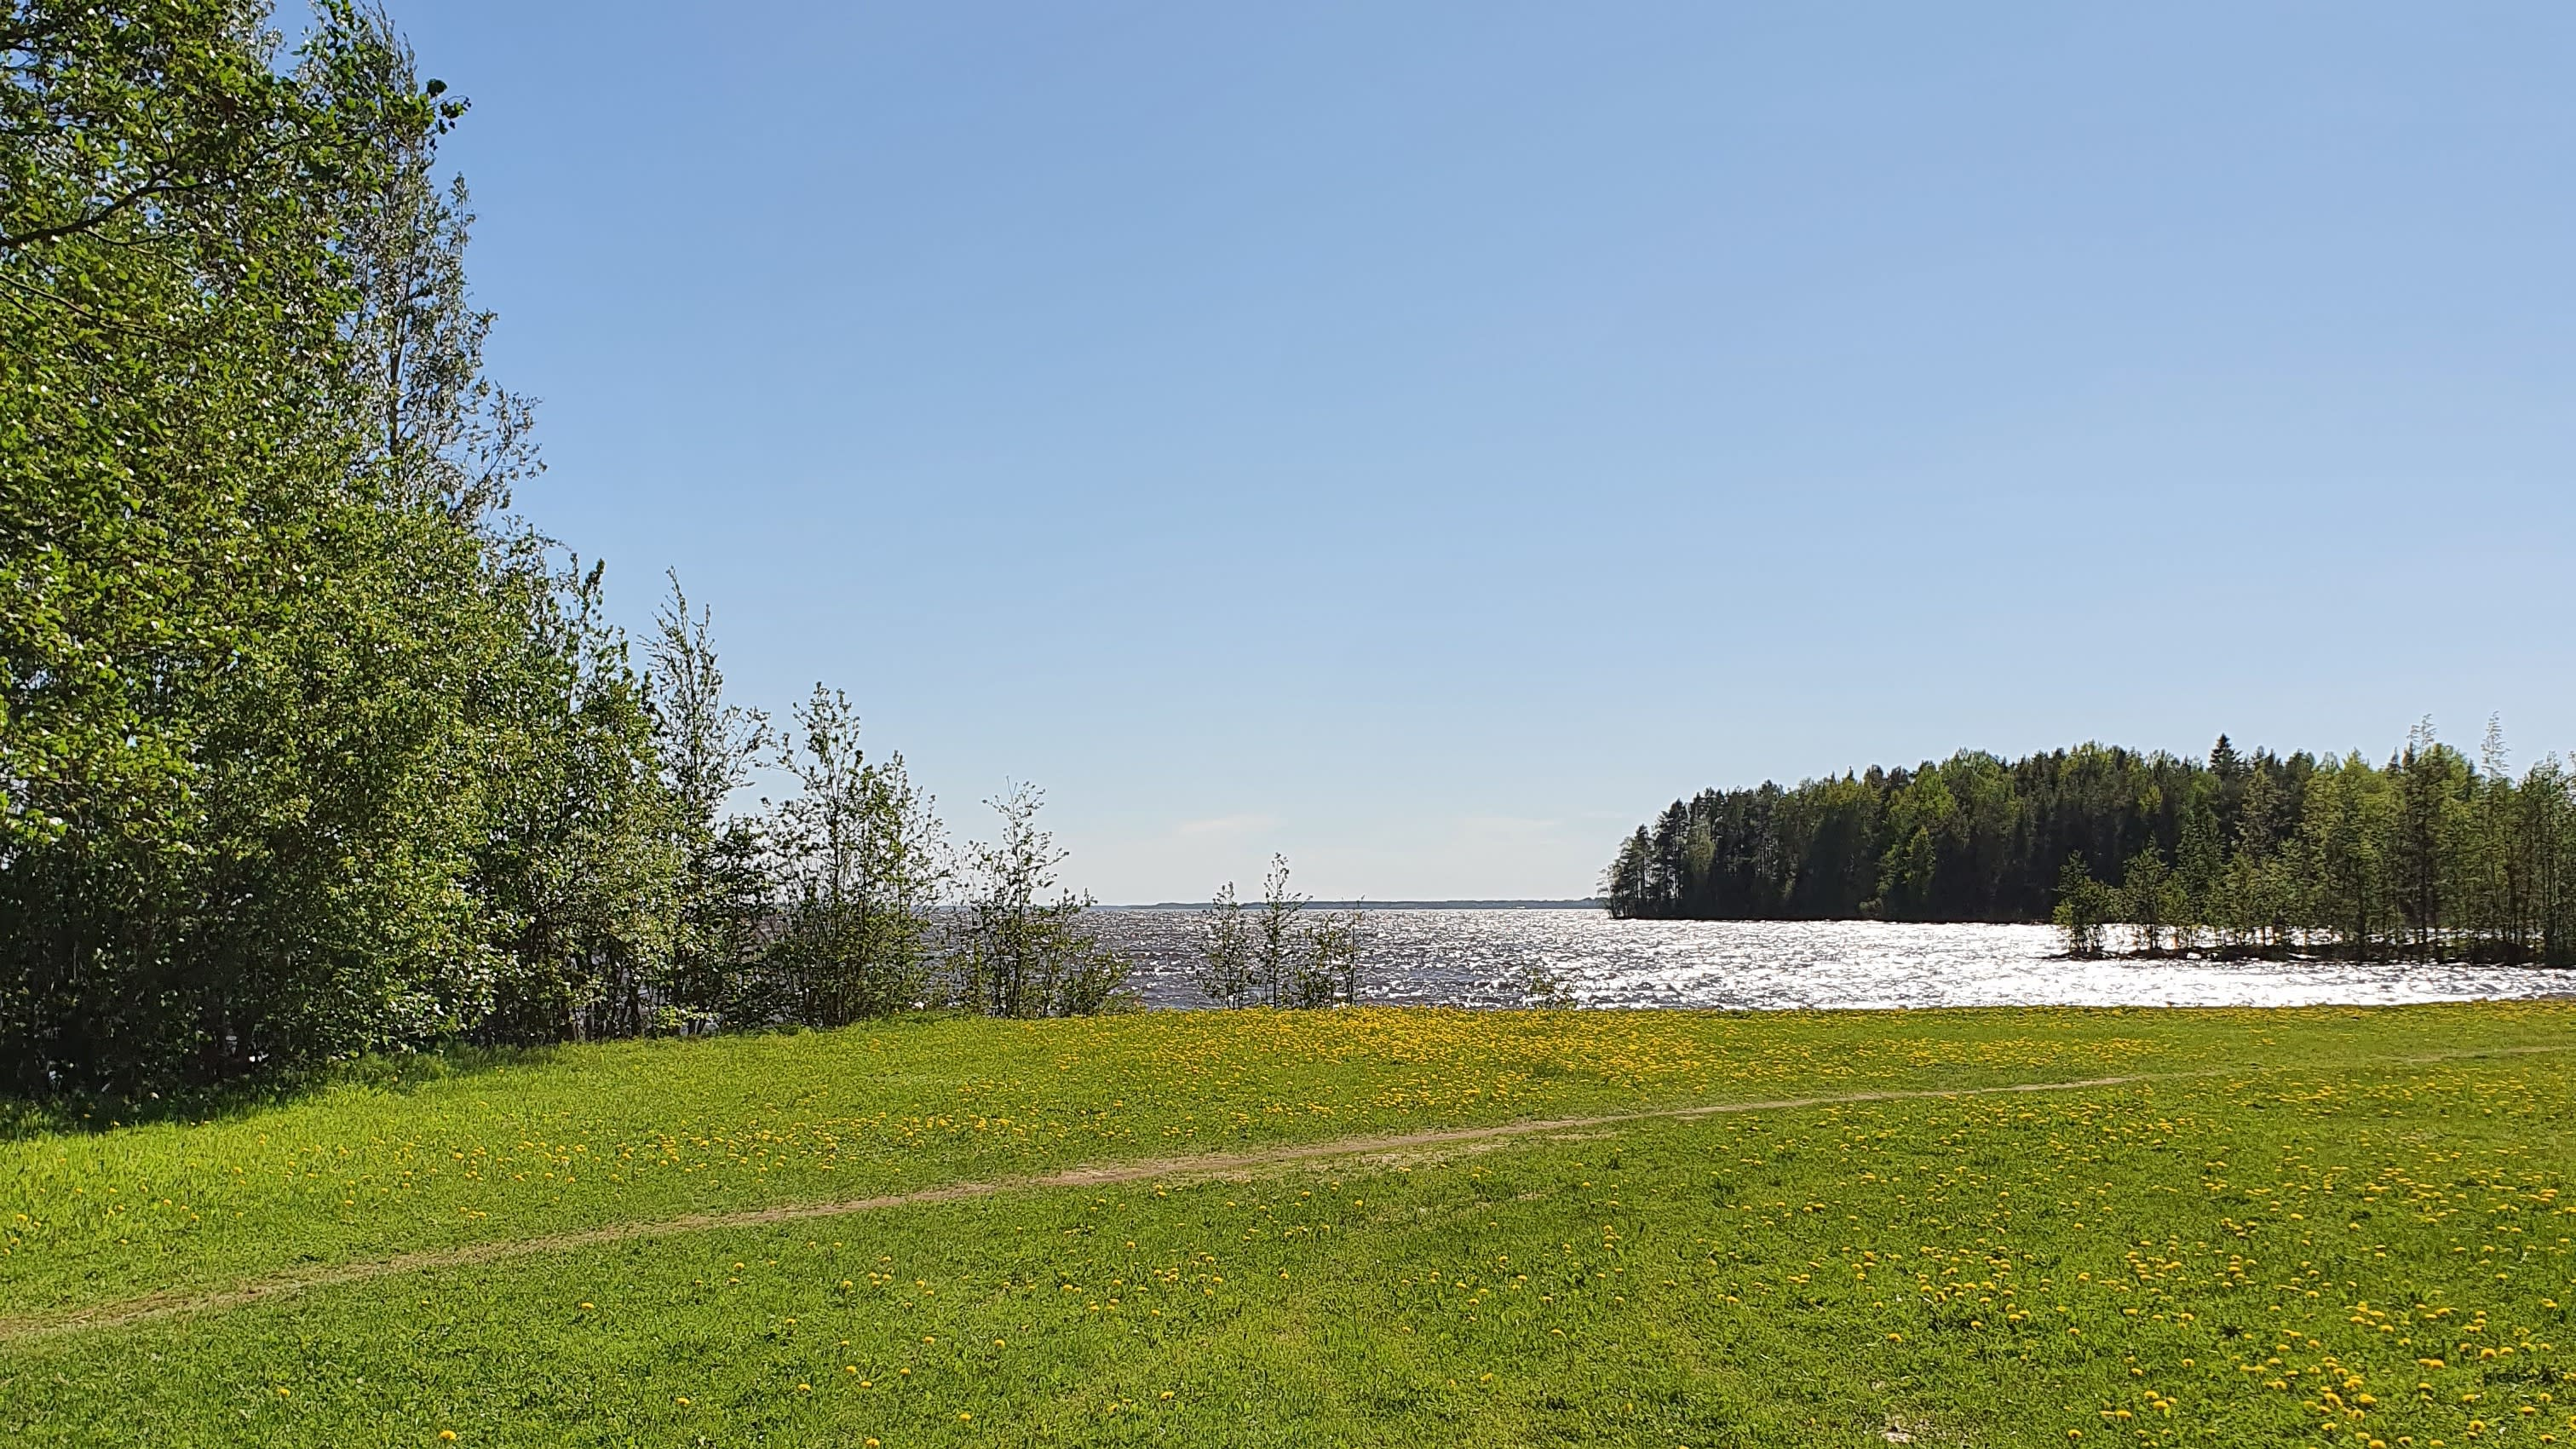 Aavarannan uimaranta Joensuussa aurinkoisella säällä.